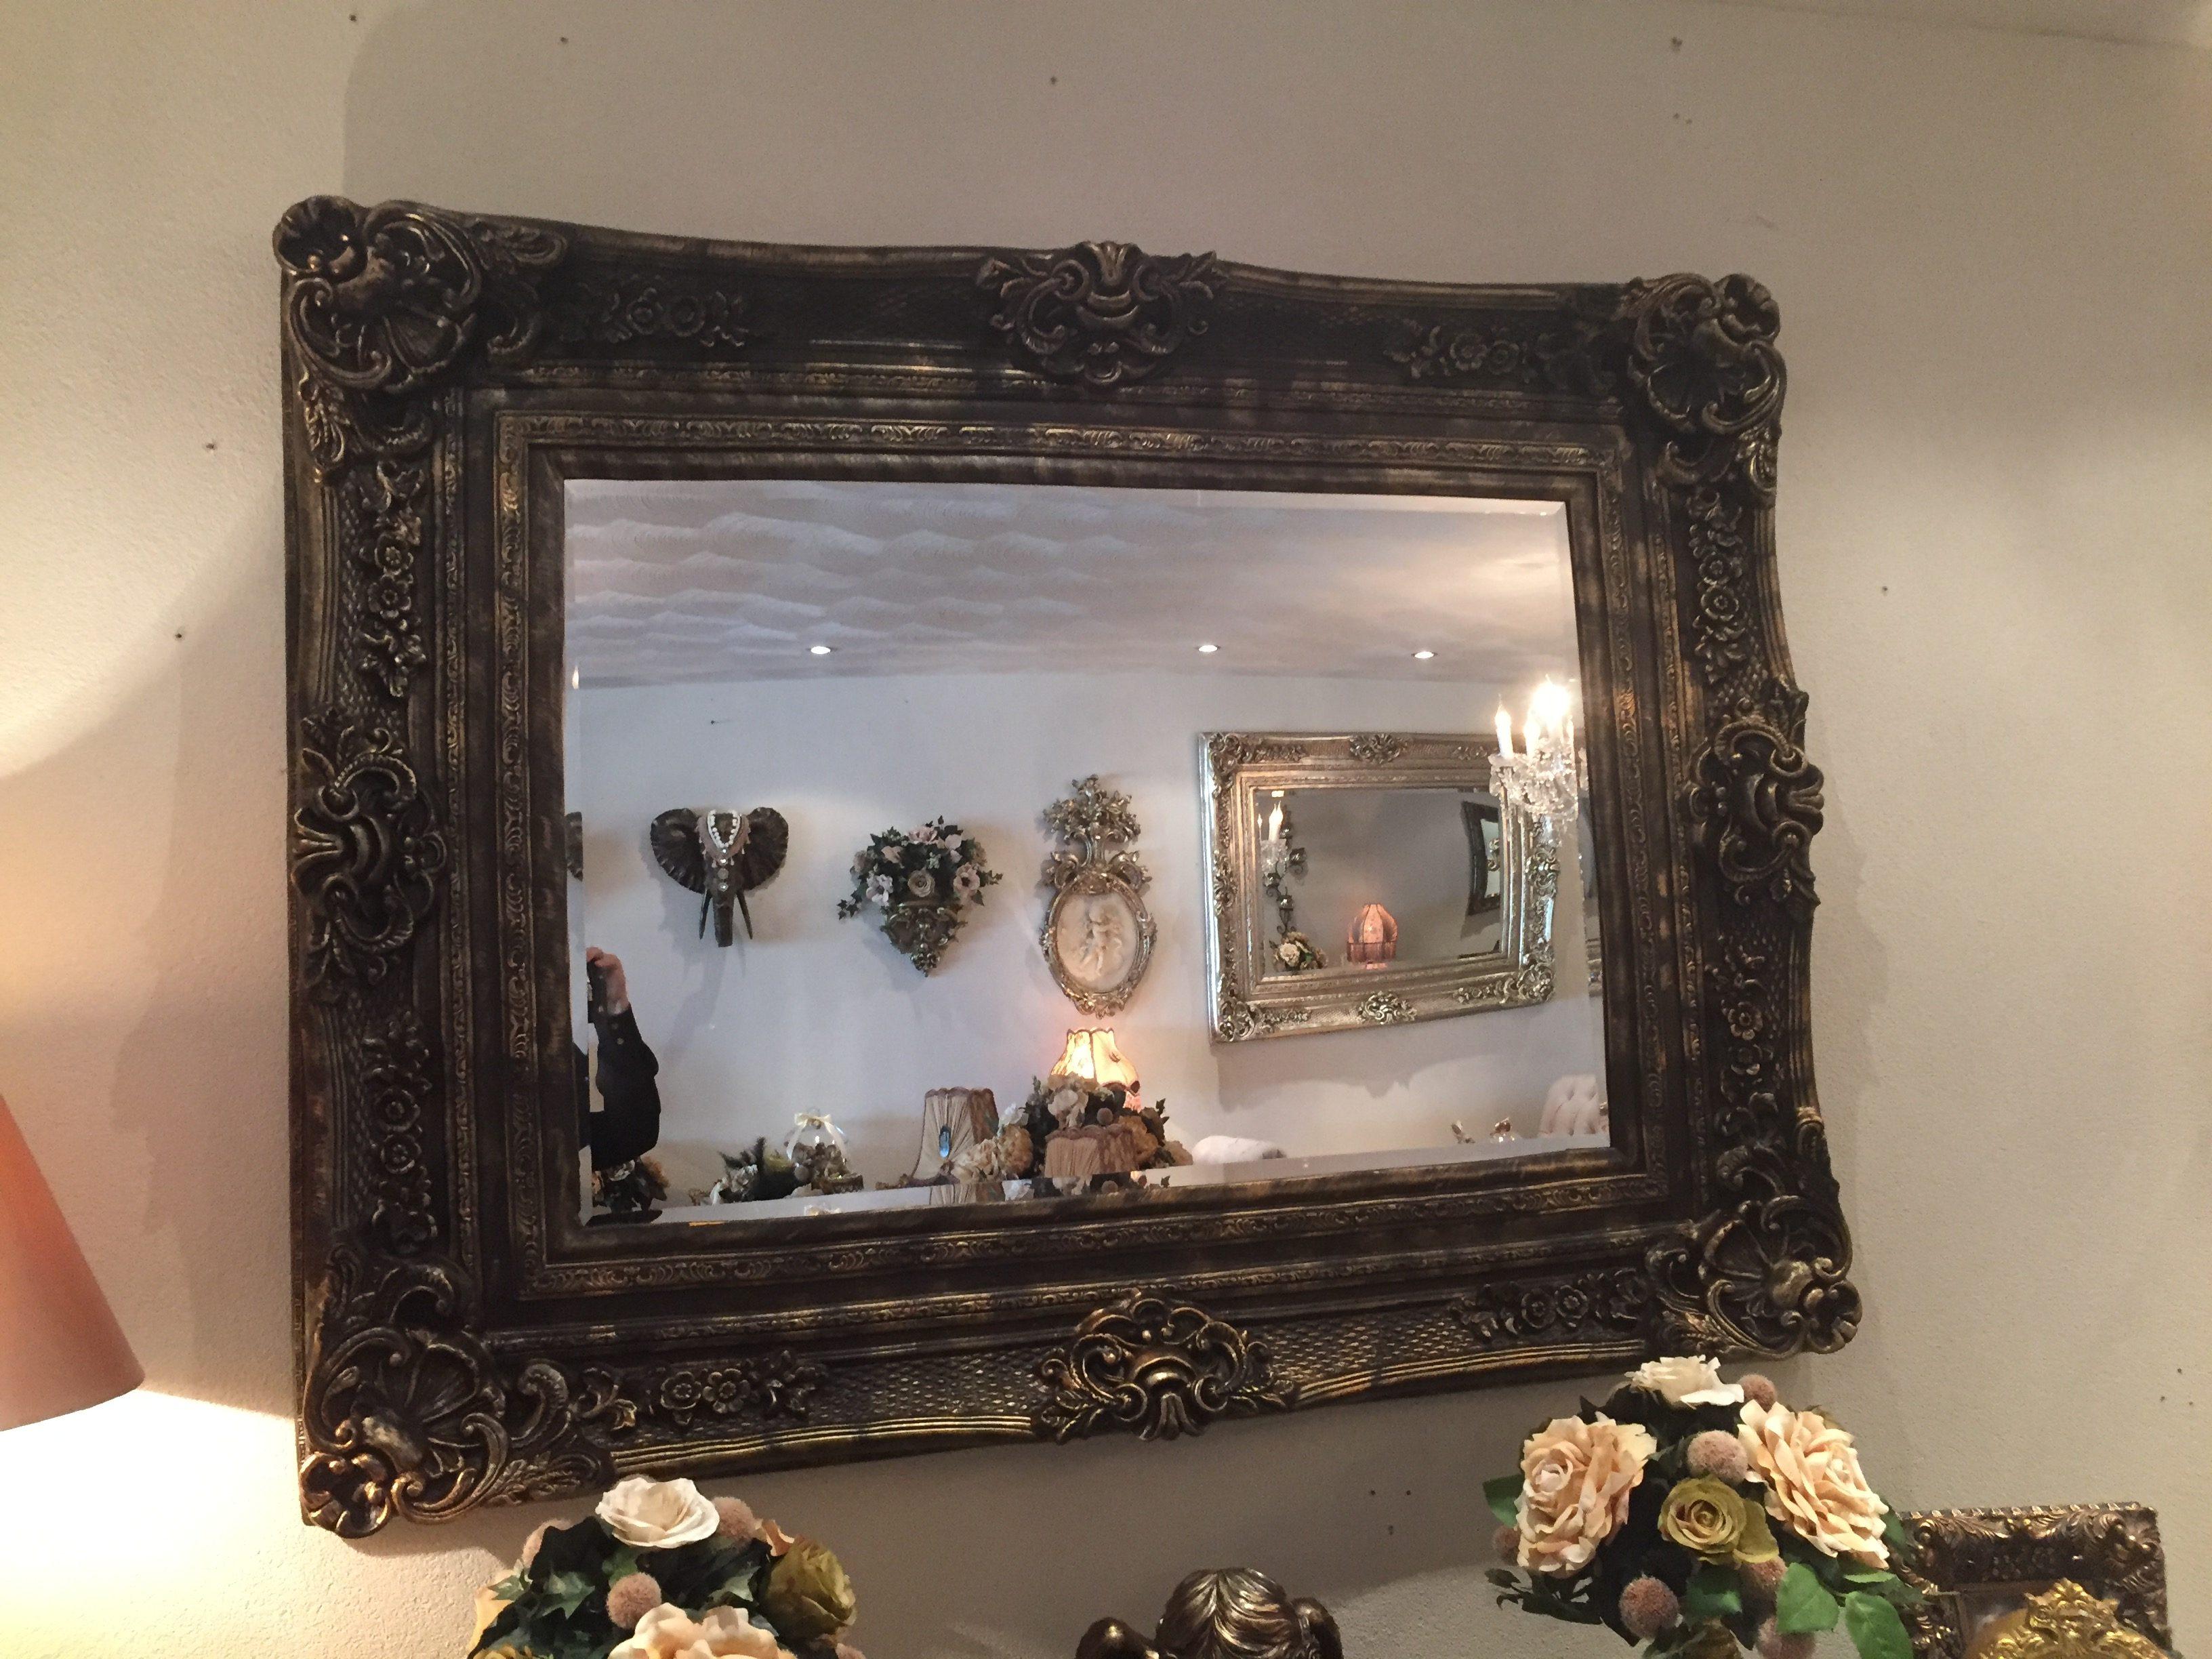 Barok Spiegel Wit : Barok spiegel bruin goud angelas kroonjuweeltje